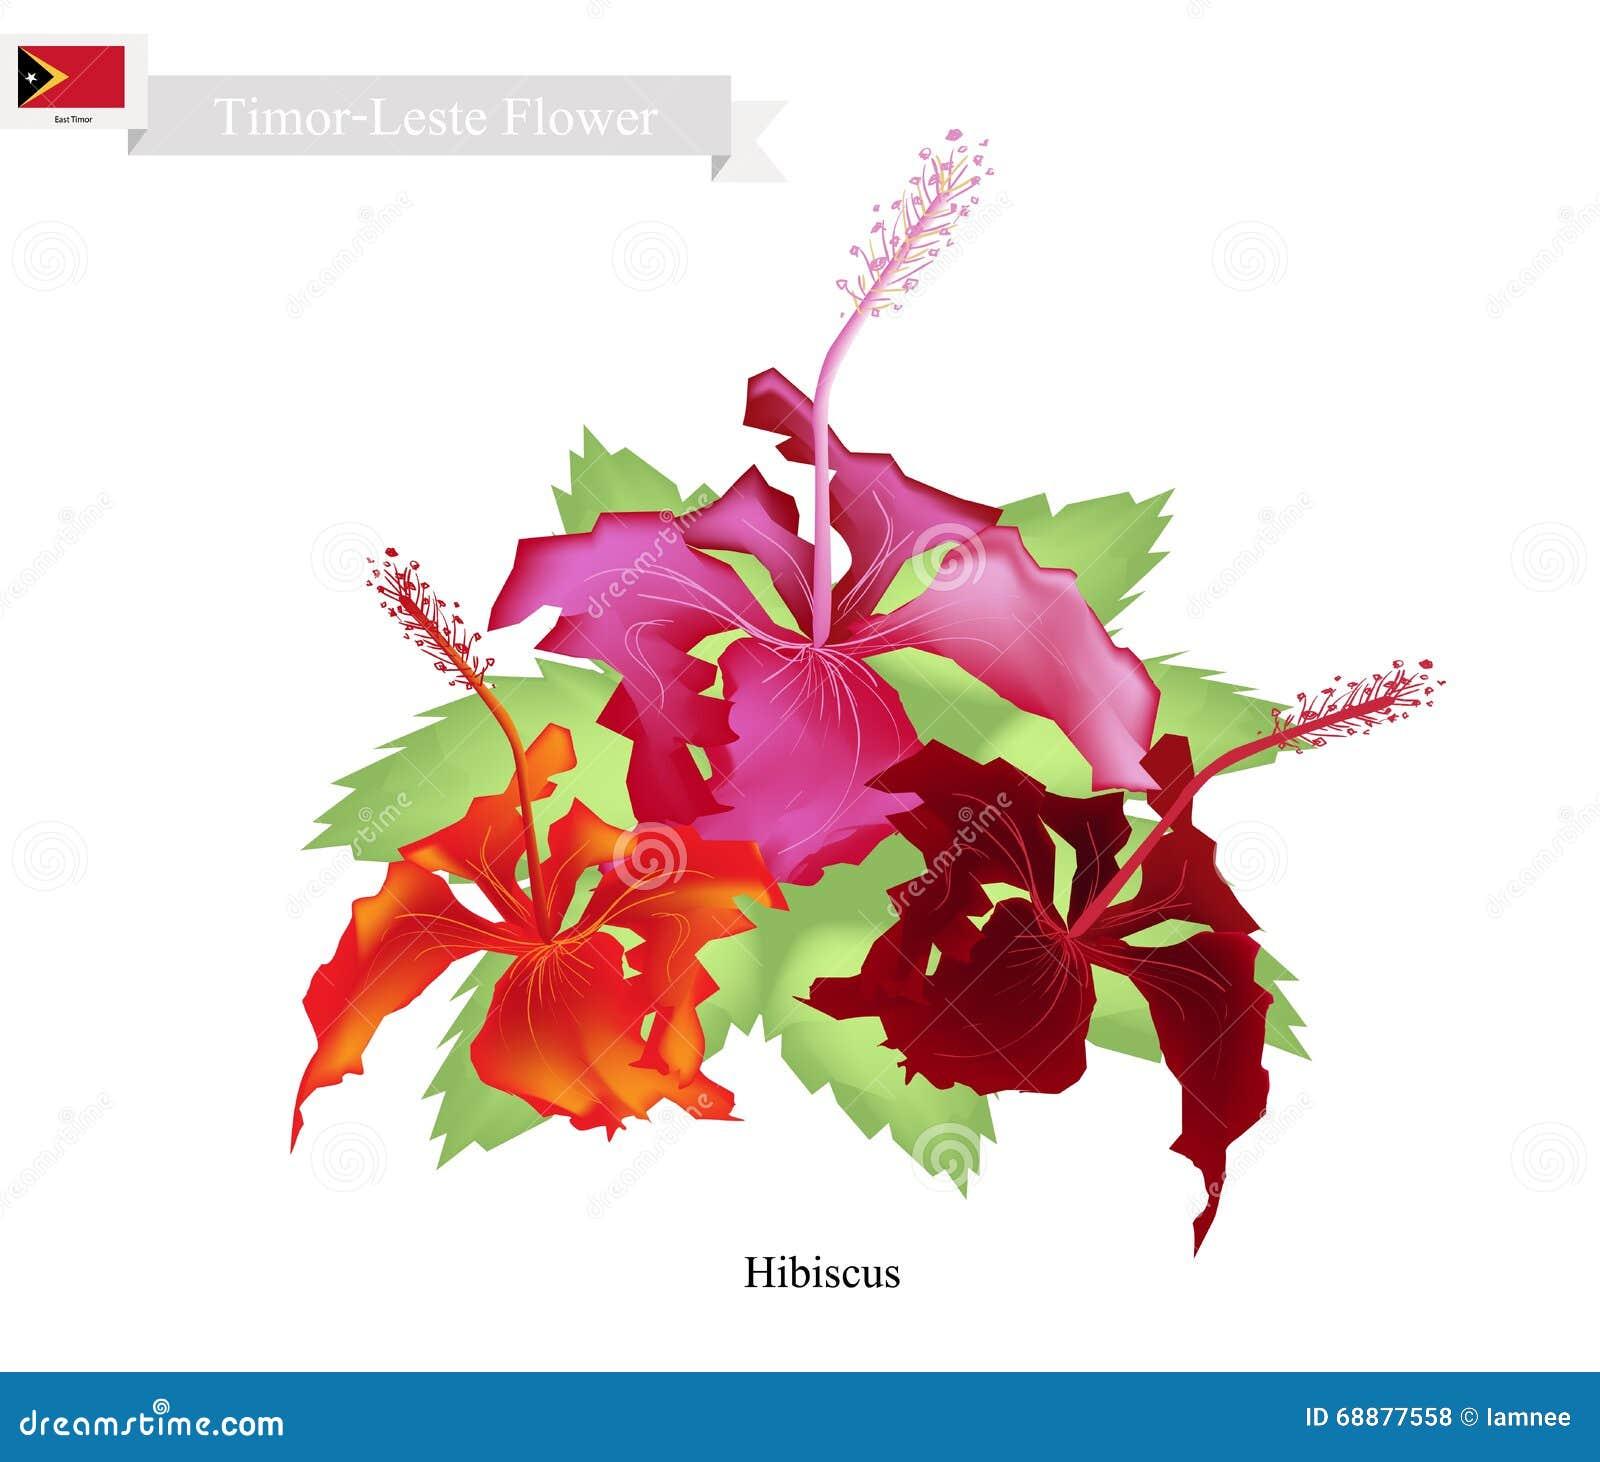 National Flower Of Timor Leste Hibiscus Flowers Stock Vector